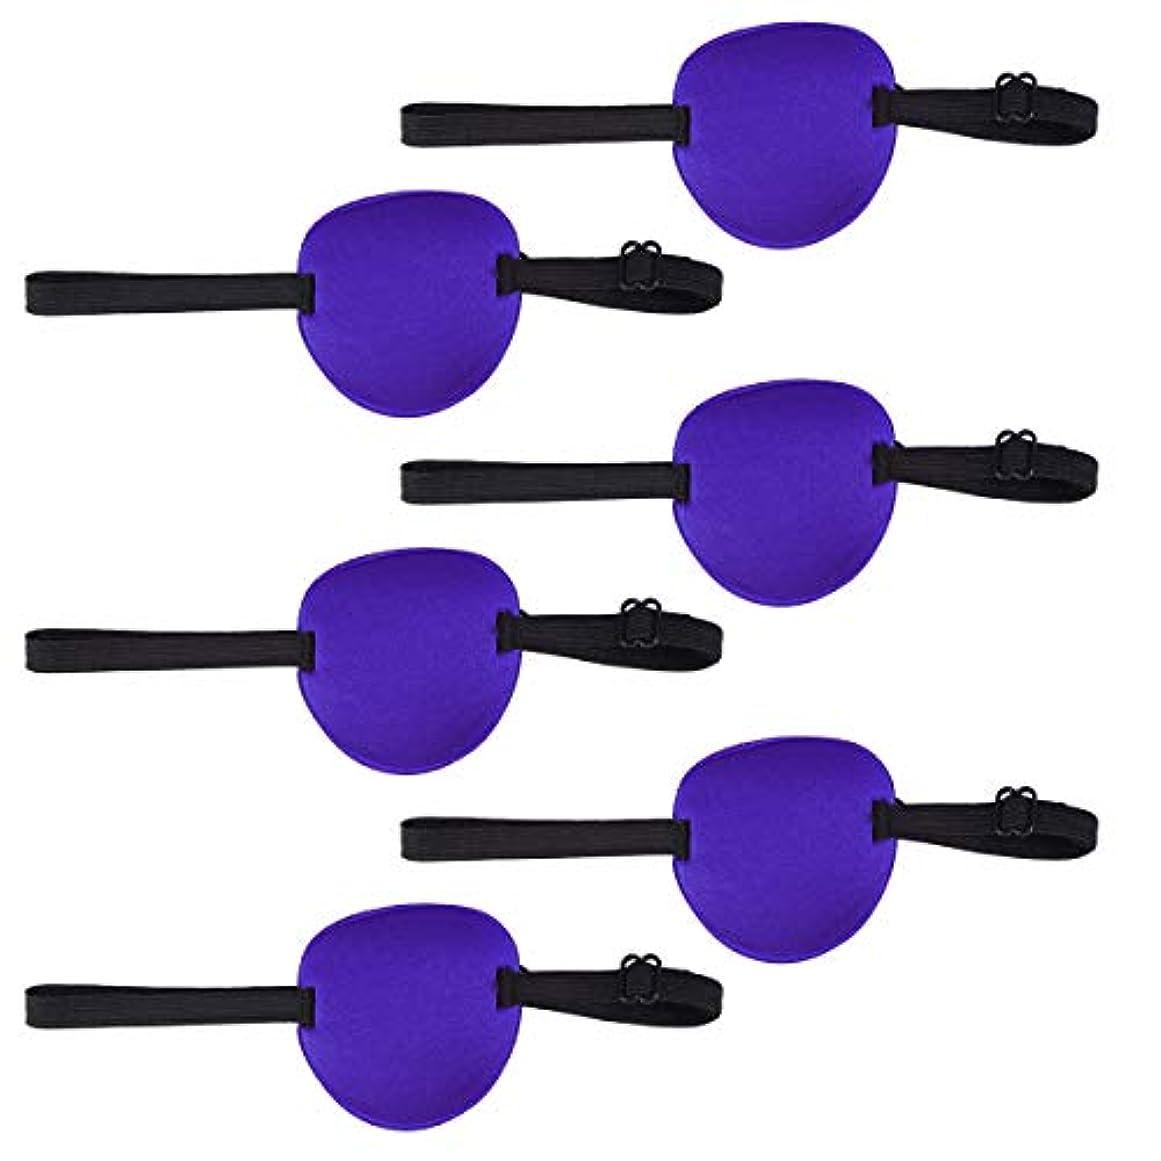 変わる魅了するライトニングHealifty 弱視の目のパッチ大人と子供のための調節可能な弾性バックル付き6個の片目スポンジアイパッチ(ブルー)